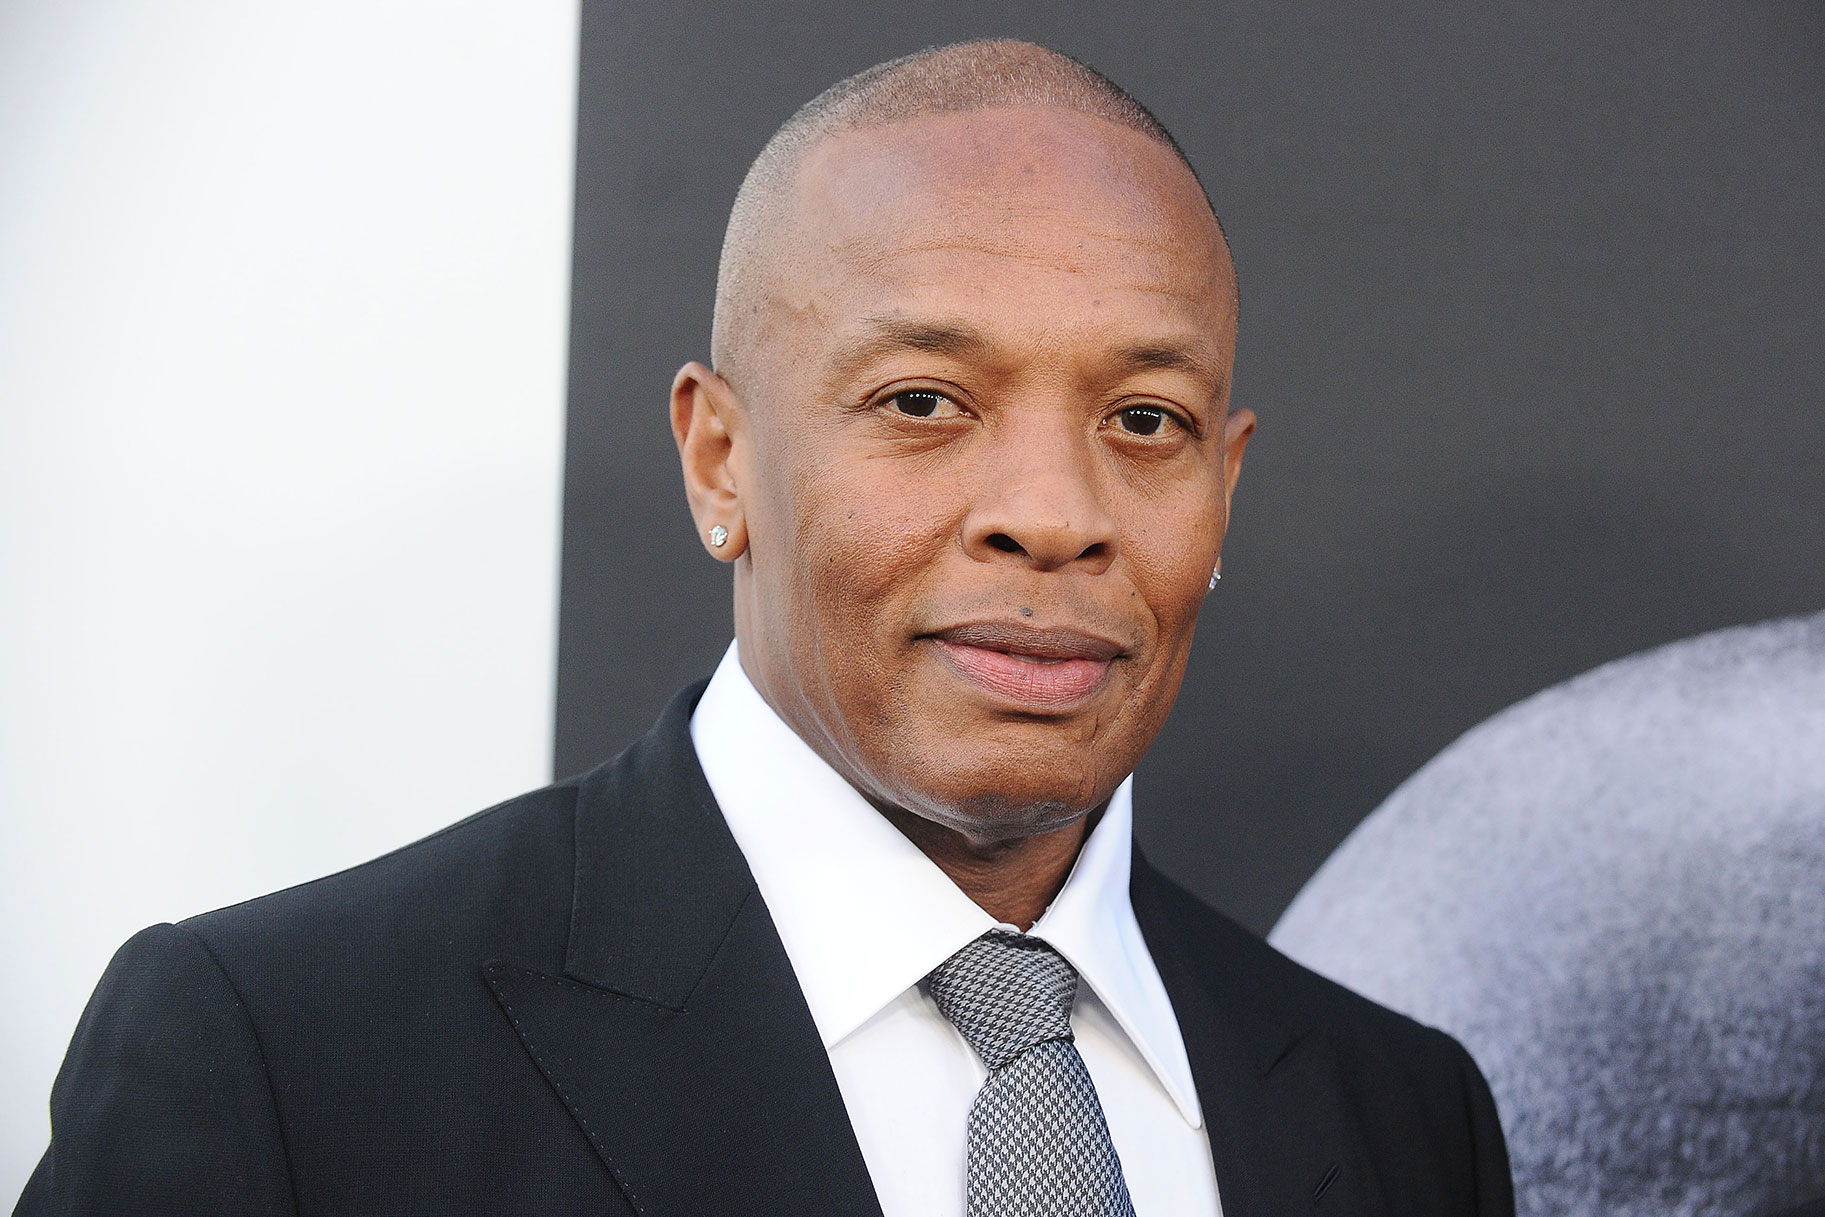 Cuatro hombres supuestamente intentan robar la casa del Dr. Dre horas después de que se informa que está hospitalizado